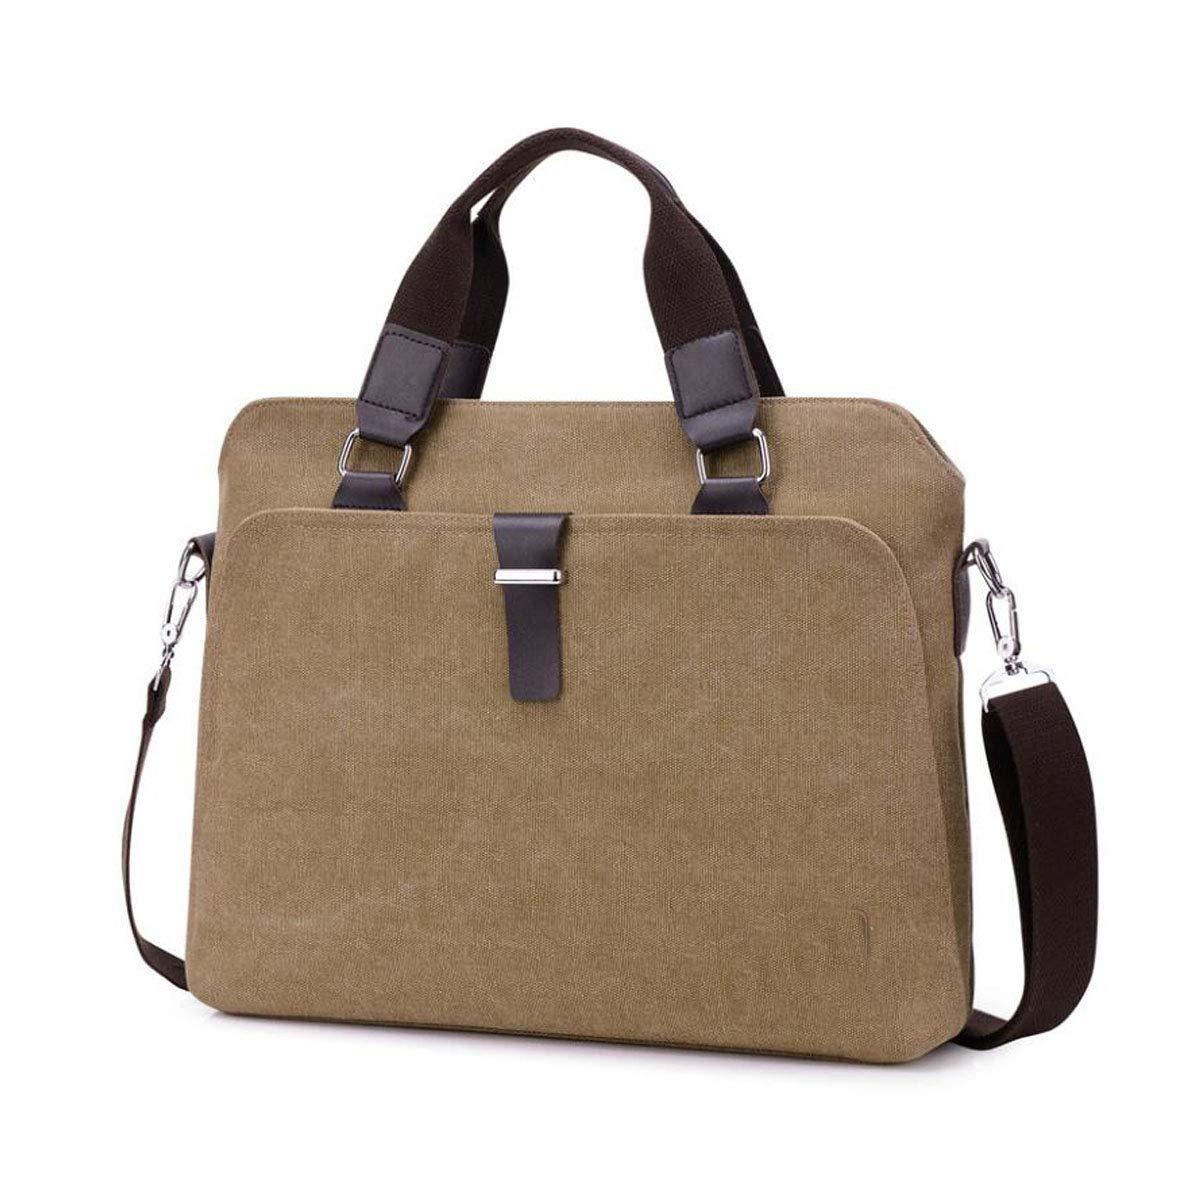 Etc Black Size: 38931cm Concise Work Color : Deep Khaki Color : Black Briefcase 2018 New Canvas Mens Messenger Bag Shoulder Bag Business Bag Suitable for Travel